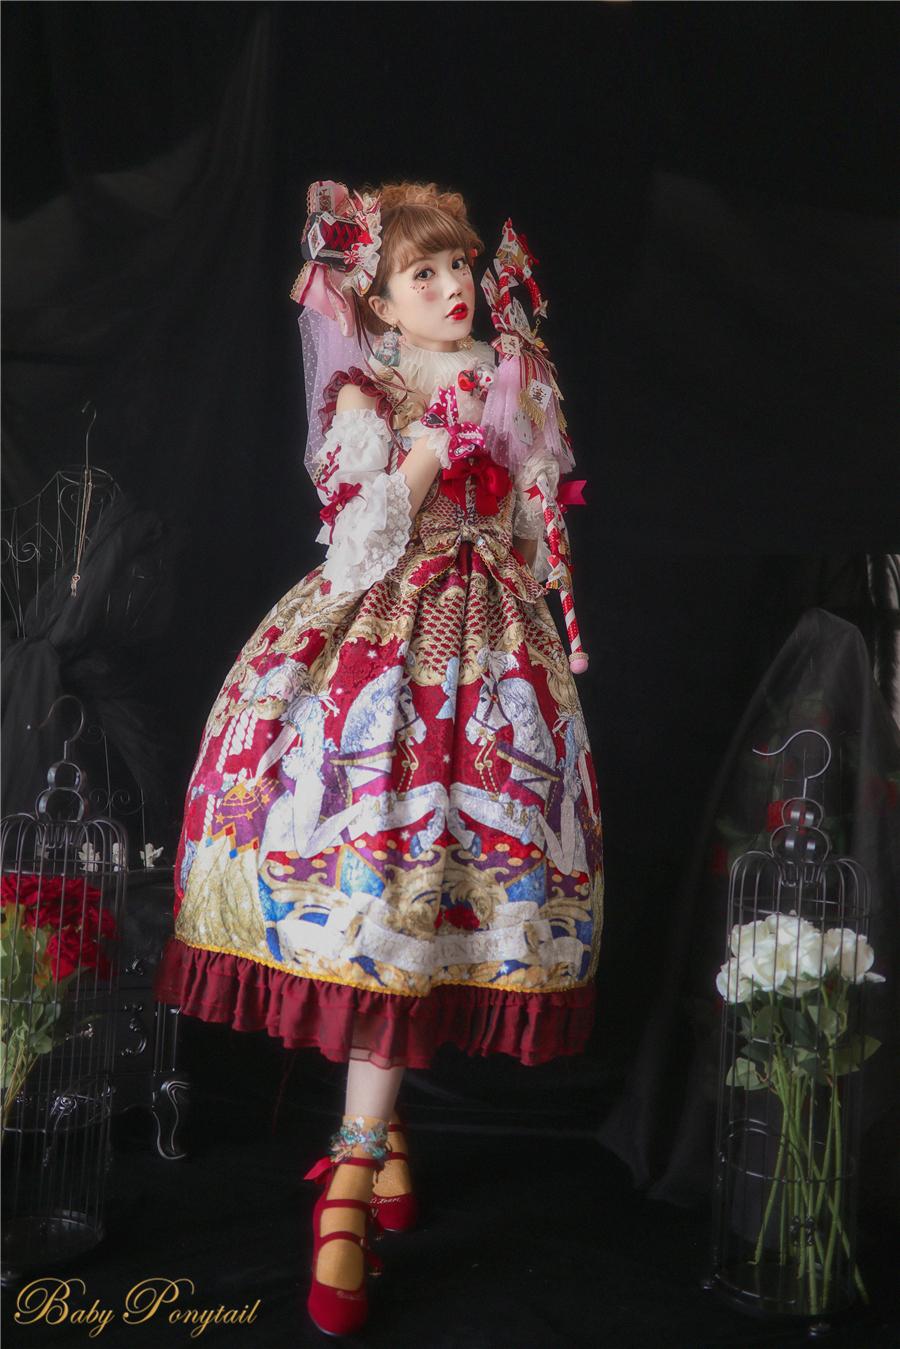 Baby Ponytail_Circus Princess_Red JSK_Kaka_07.jpg